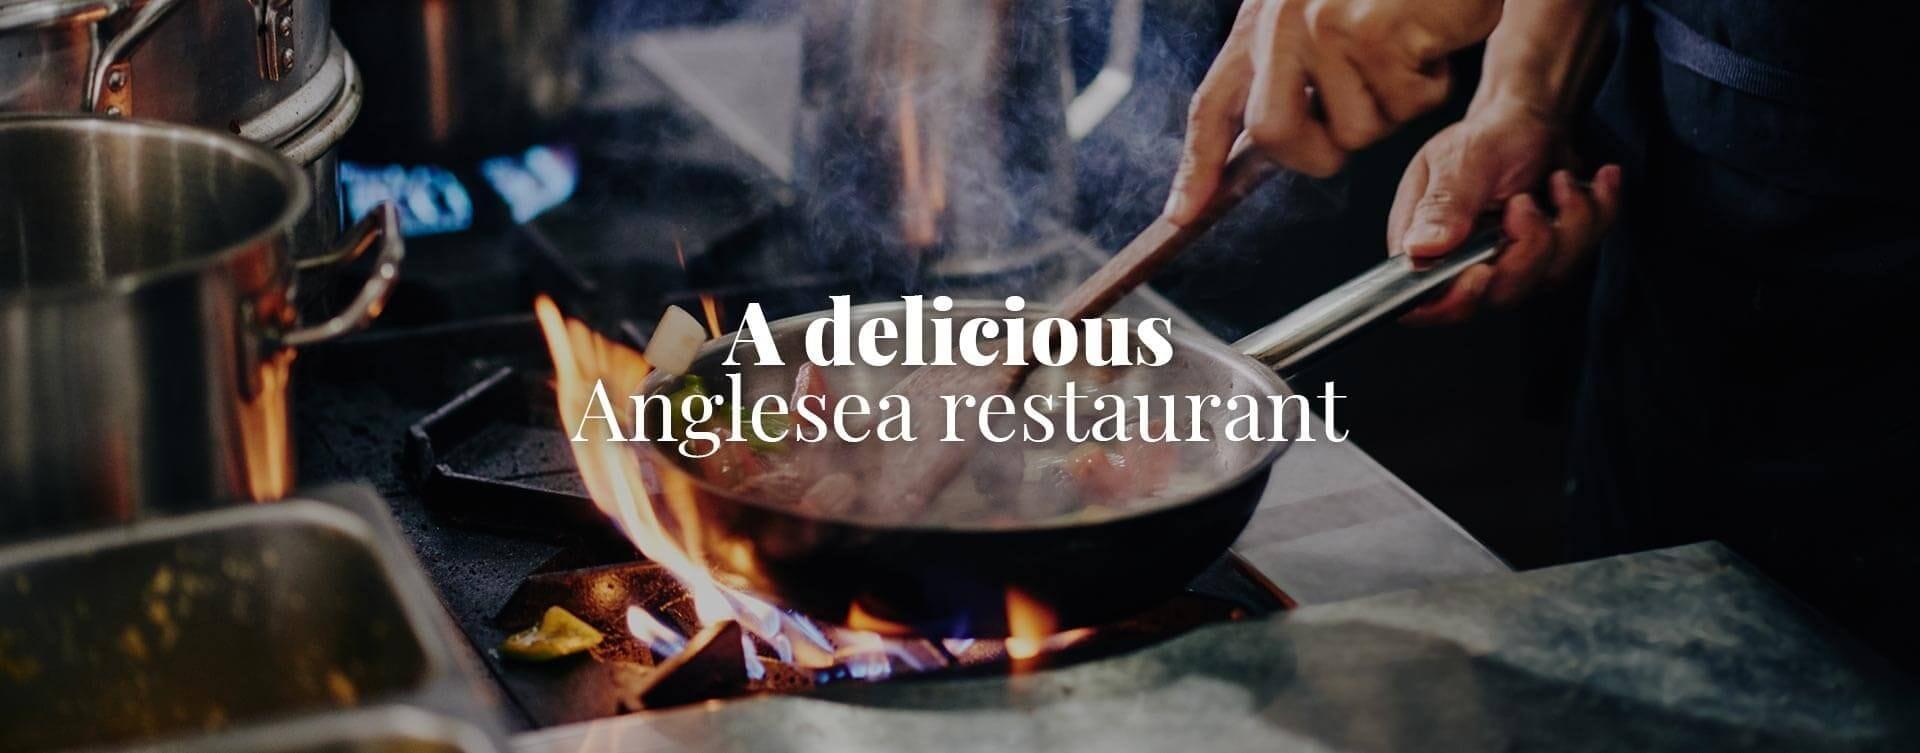 Rose Chinese Restaurant Anglesea